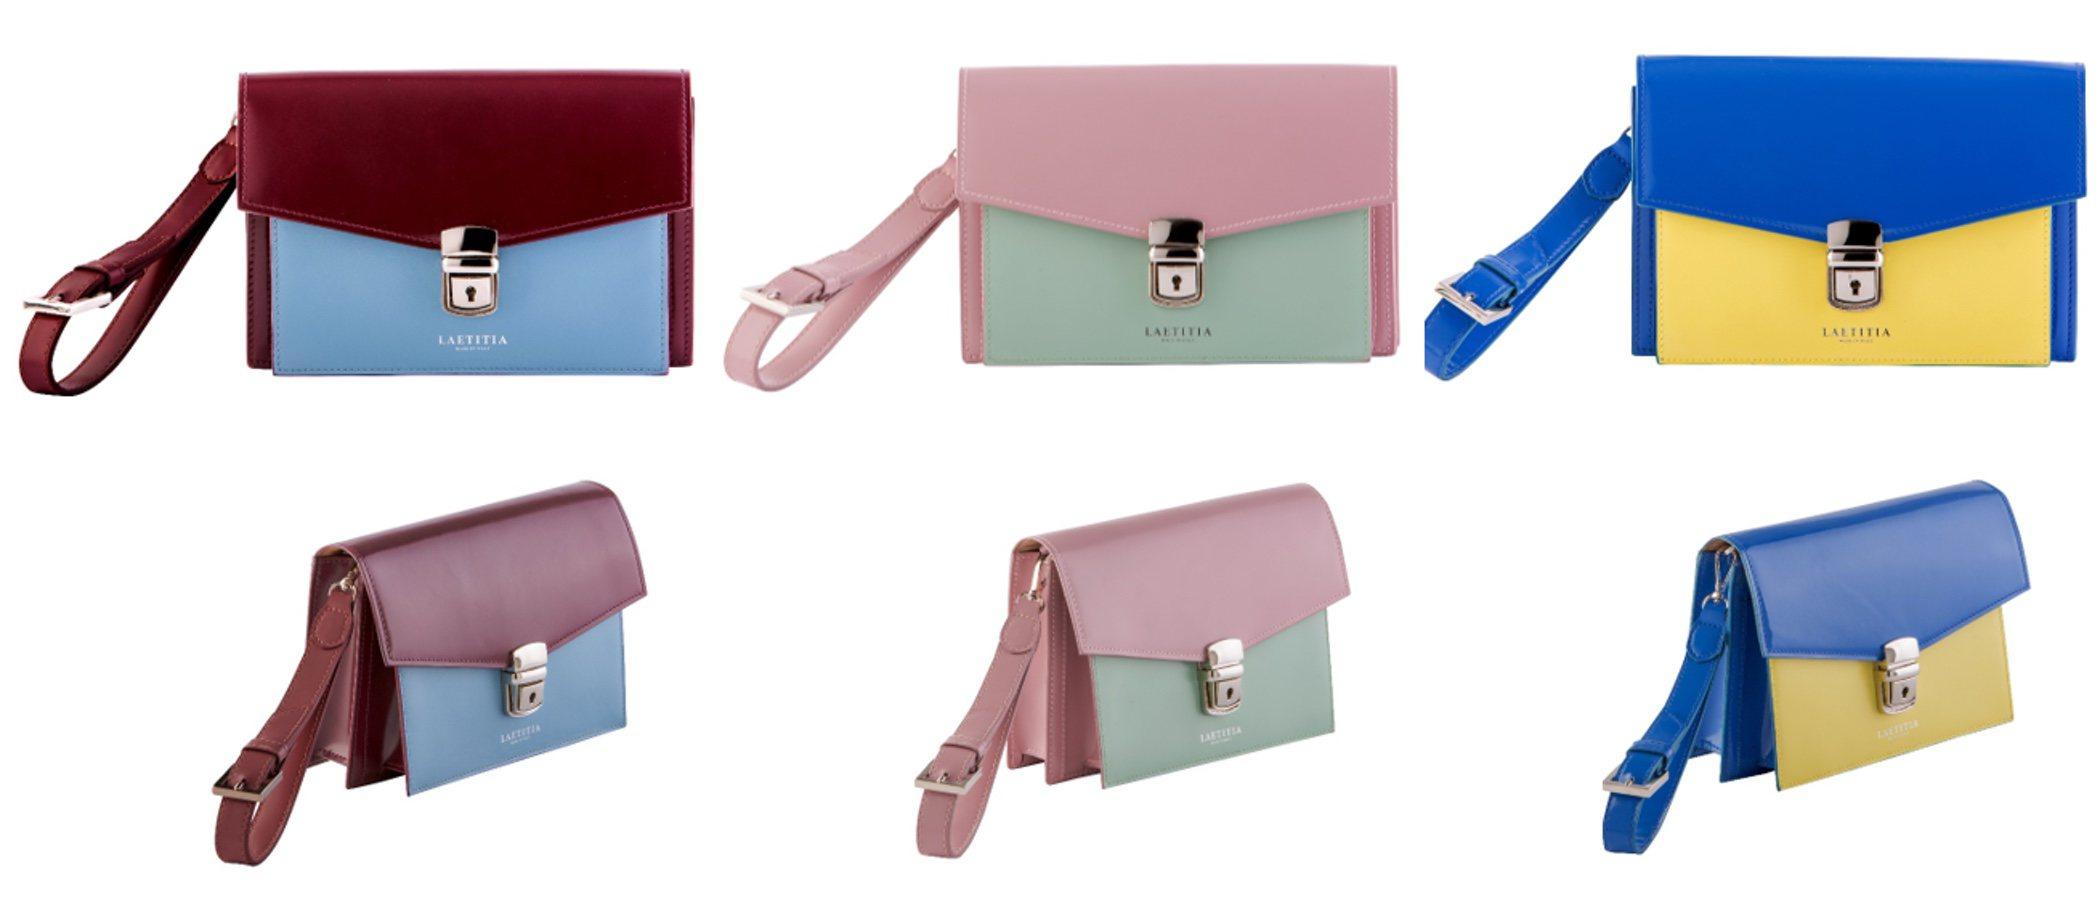 Laetitia presenta el bolso de mano 'Vivien' en varios diseños